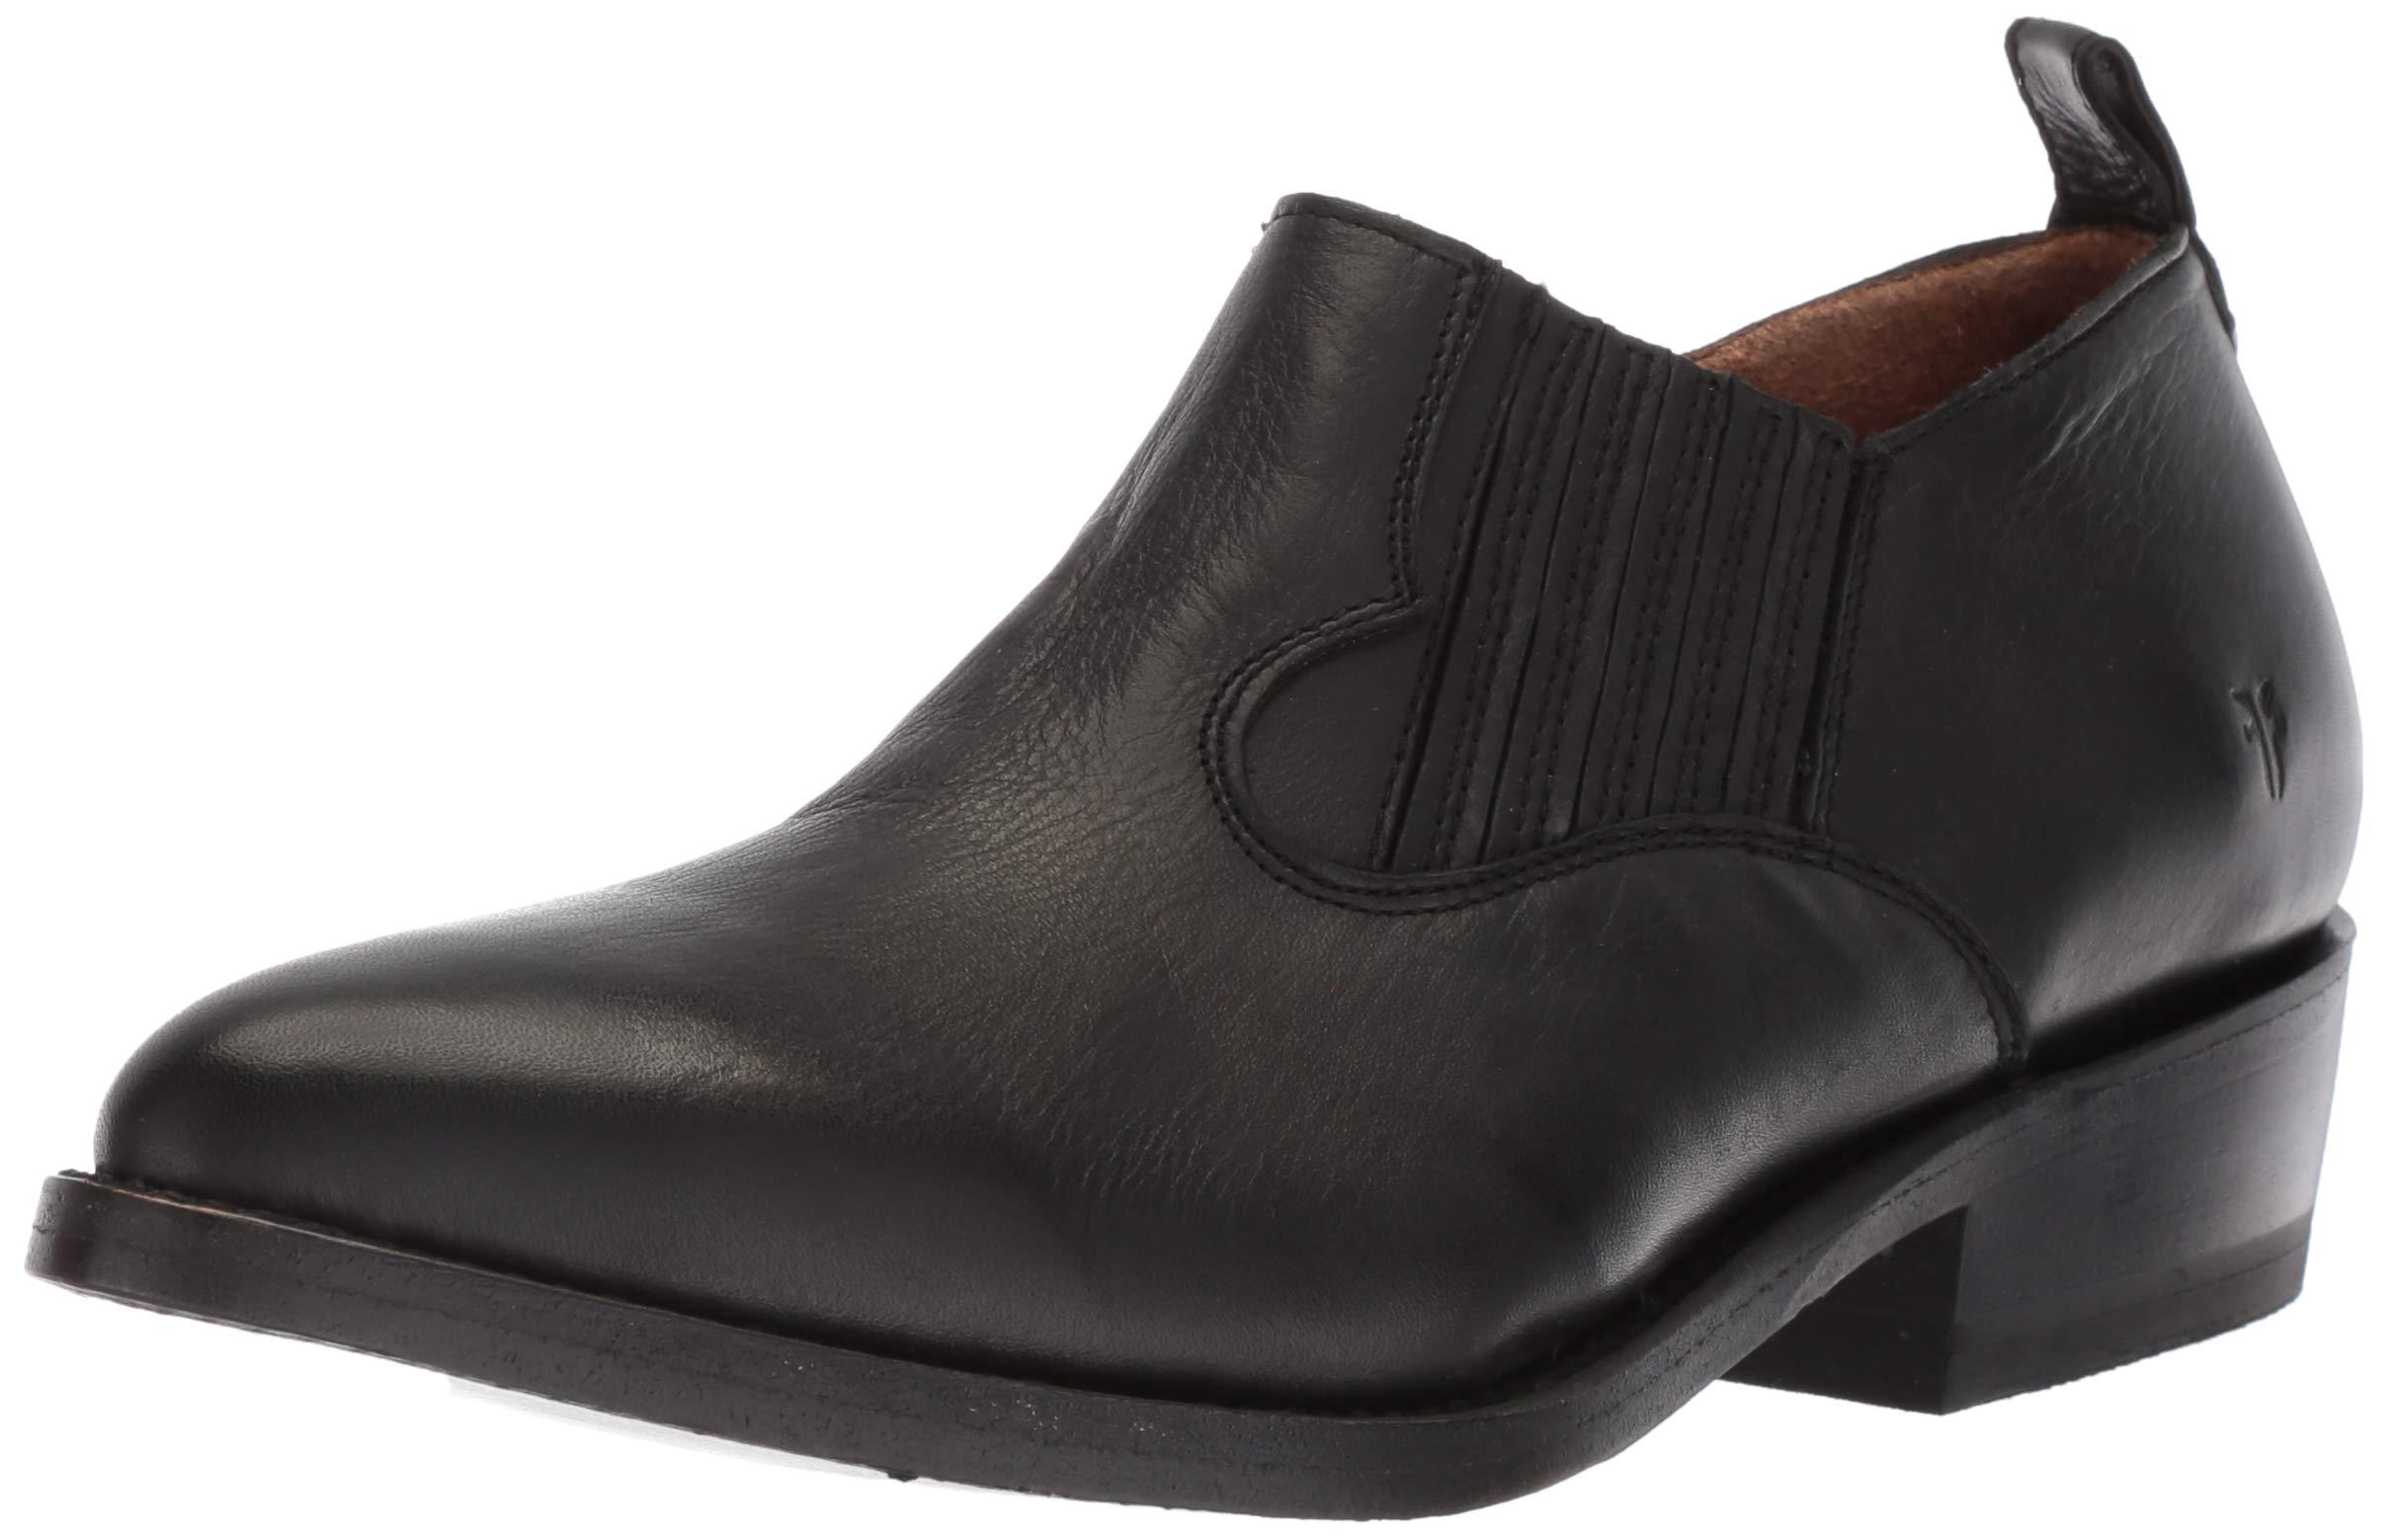 FRYE Women's Billy Shootie Western Boot, Black